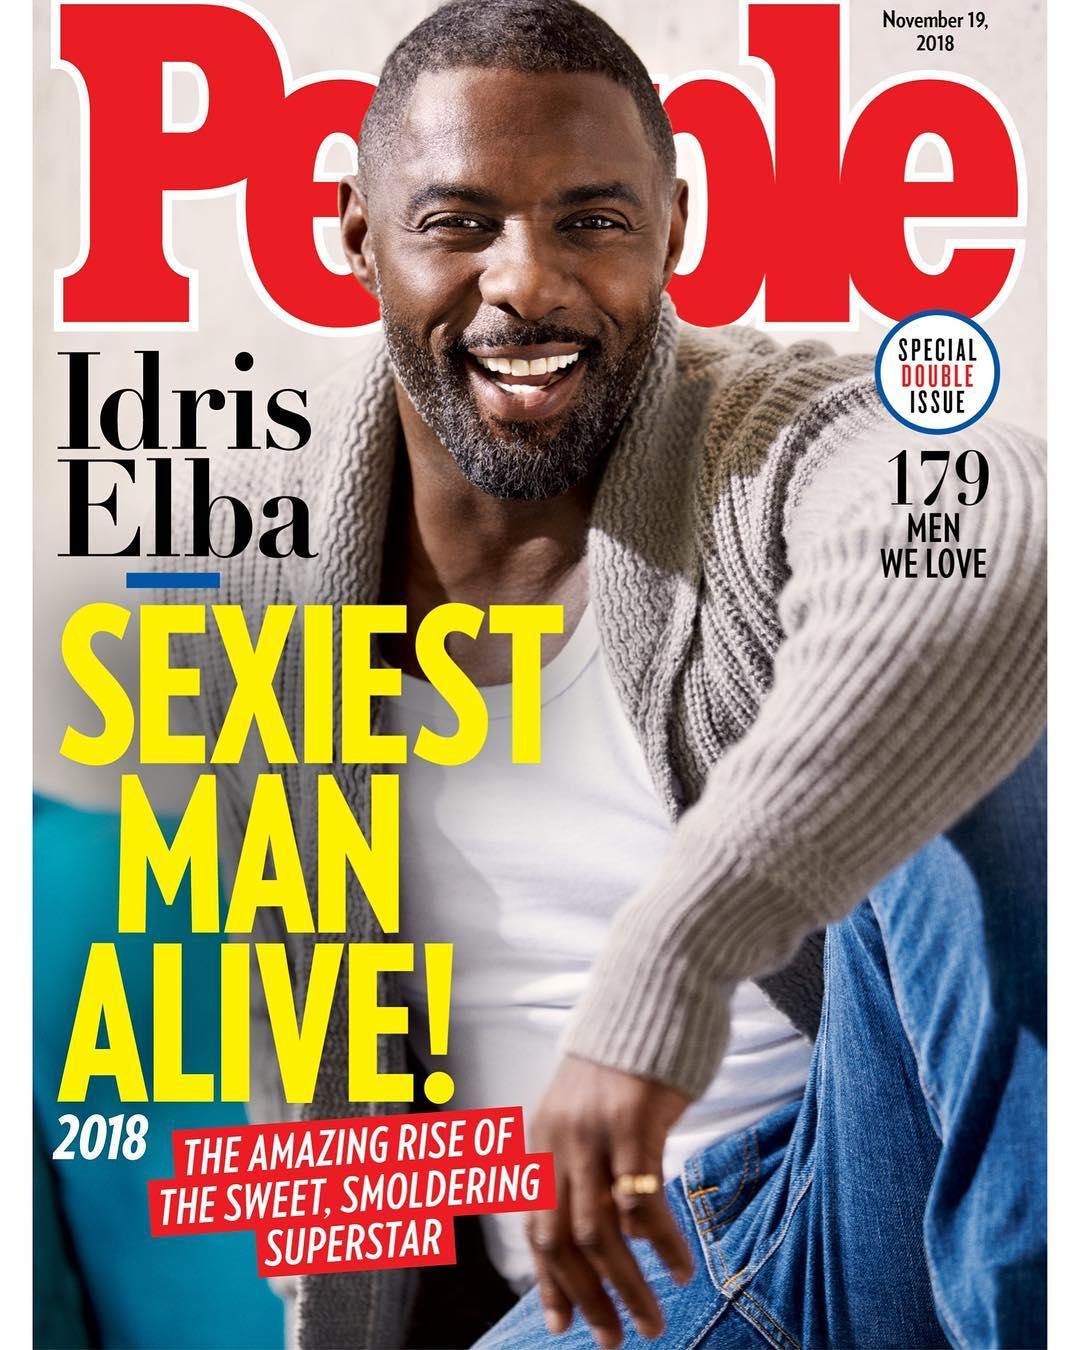 Журнал People назвал самого сексуального мужчину этого года-Фото 2